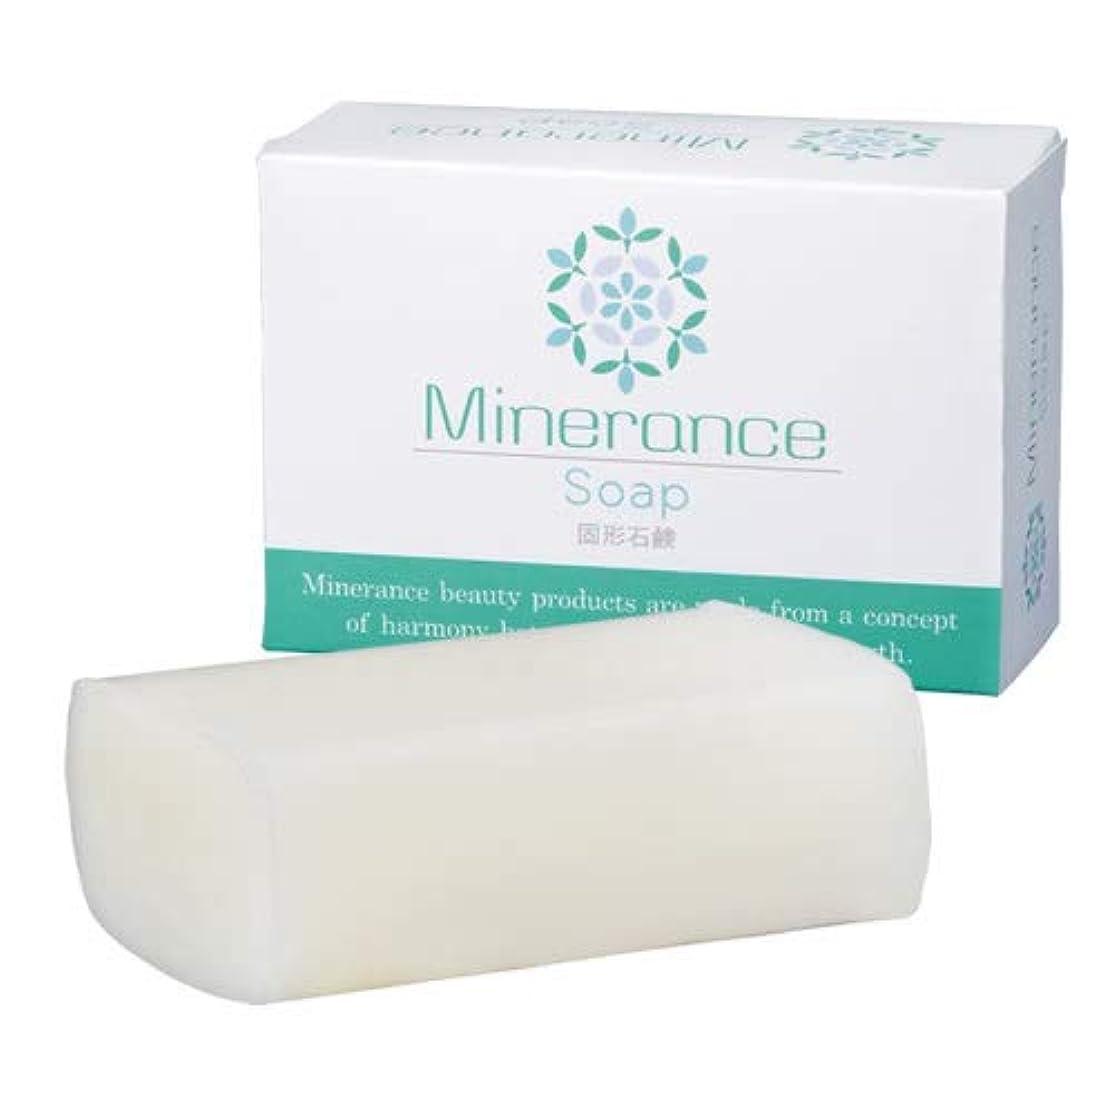 血まみれのあごひげデクリメントミネランス ソープ 固形 石鹸 90g